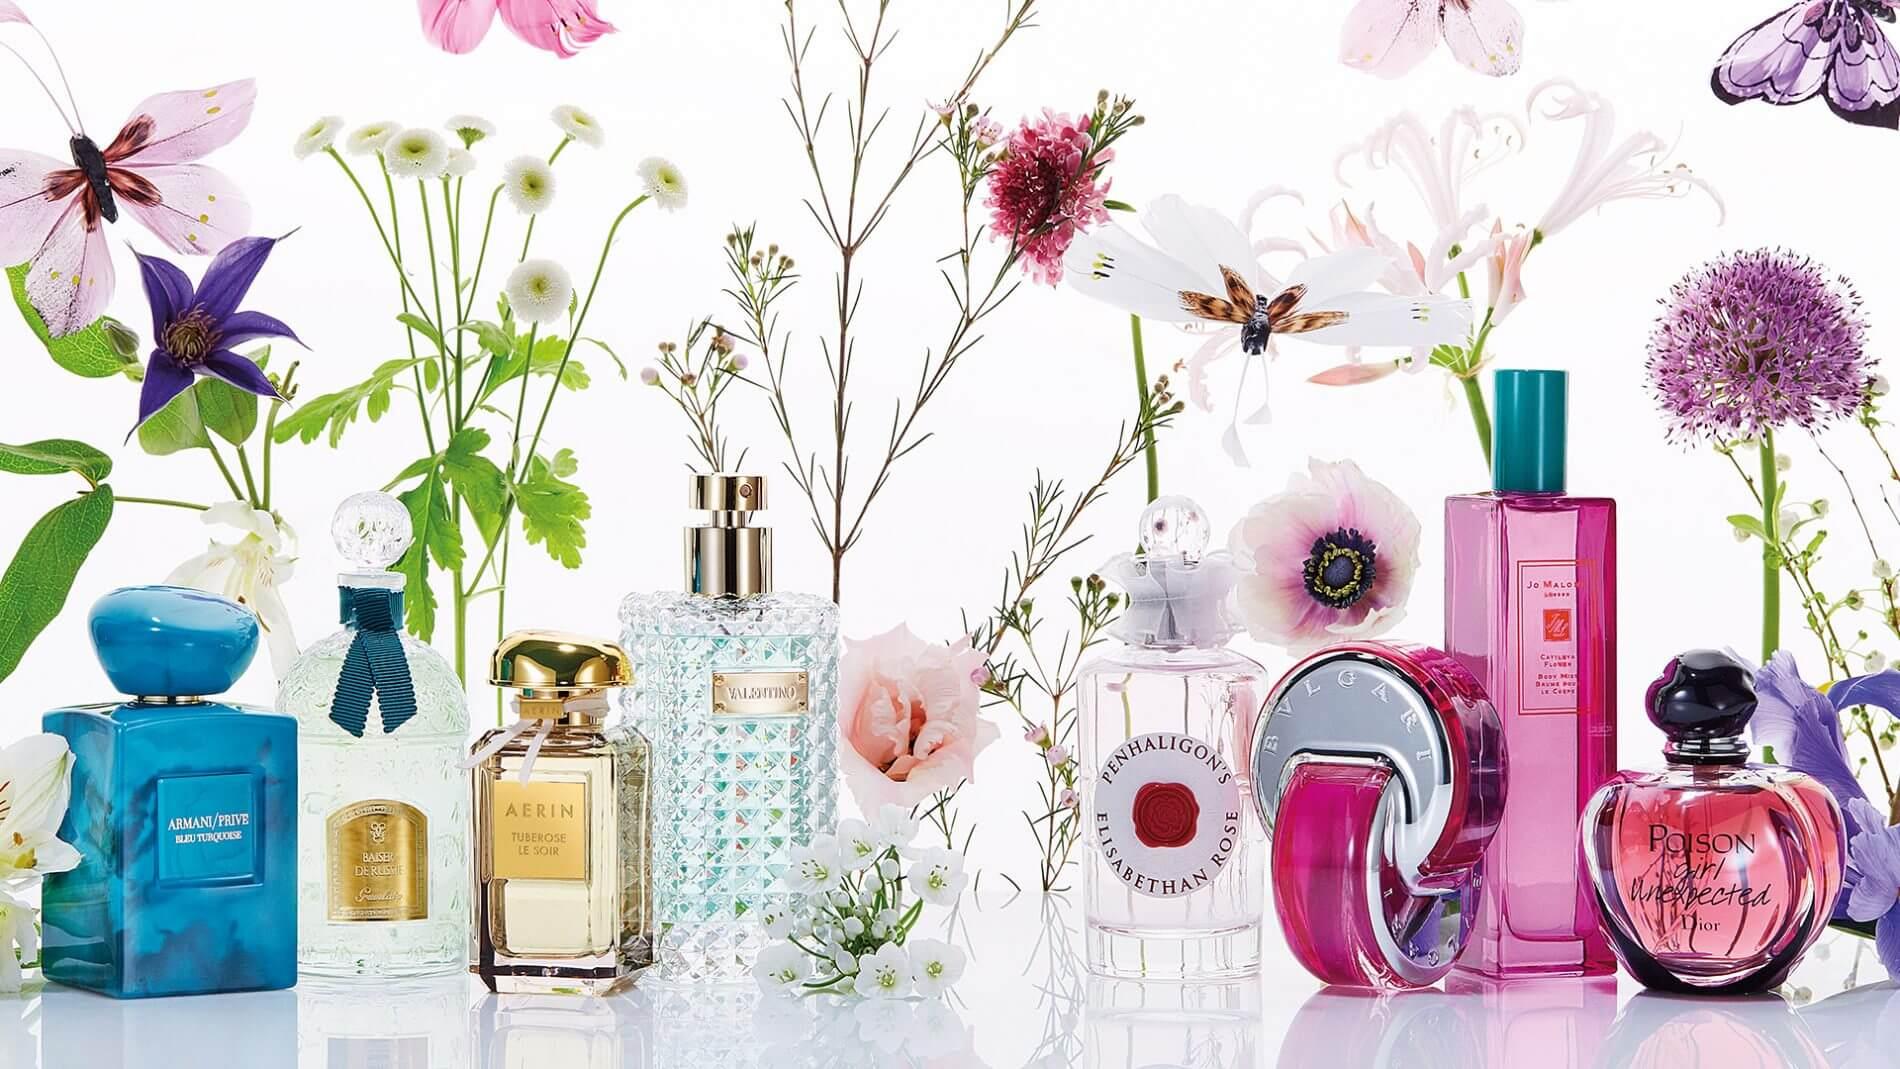 تفاوت خط بو و پخش بو در چیست؟